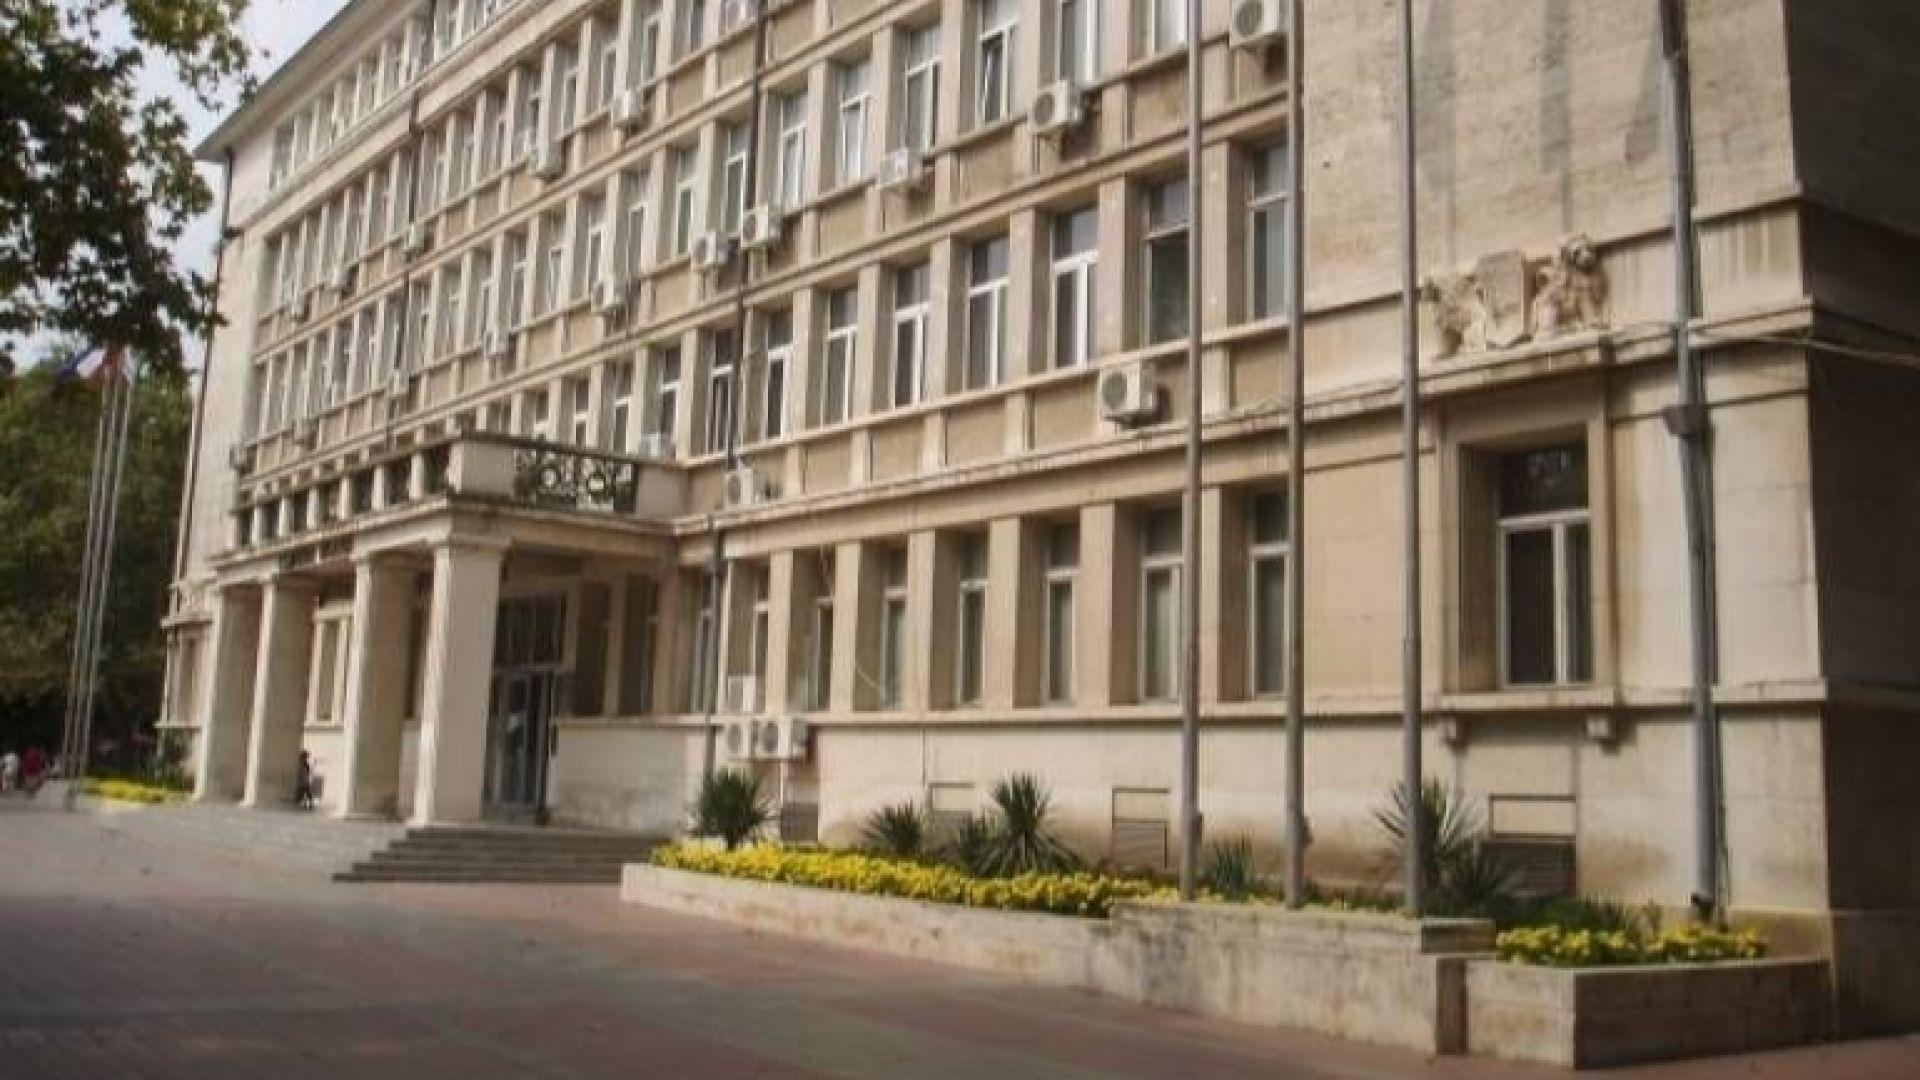 34-ма задържани след спецакция срещу битовата престъпност във Варненско